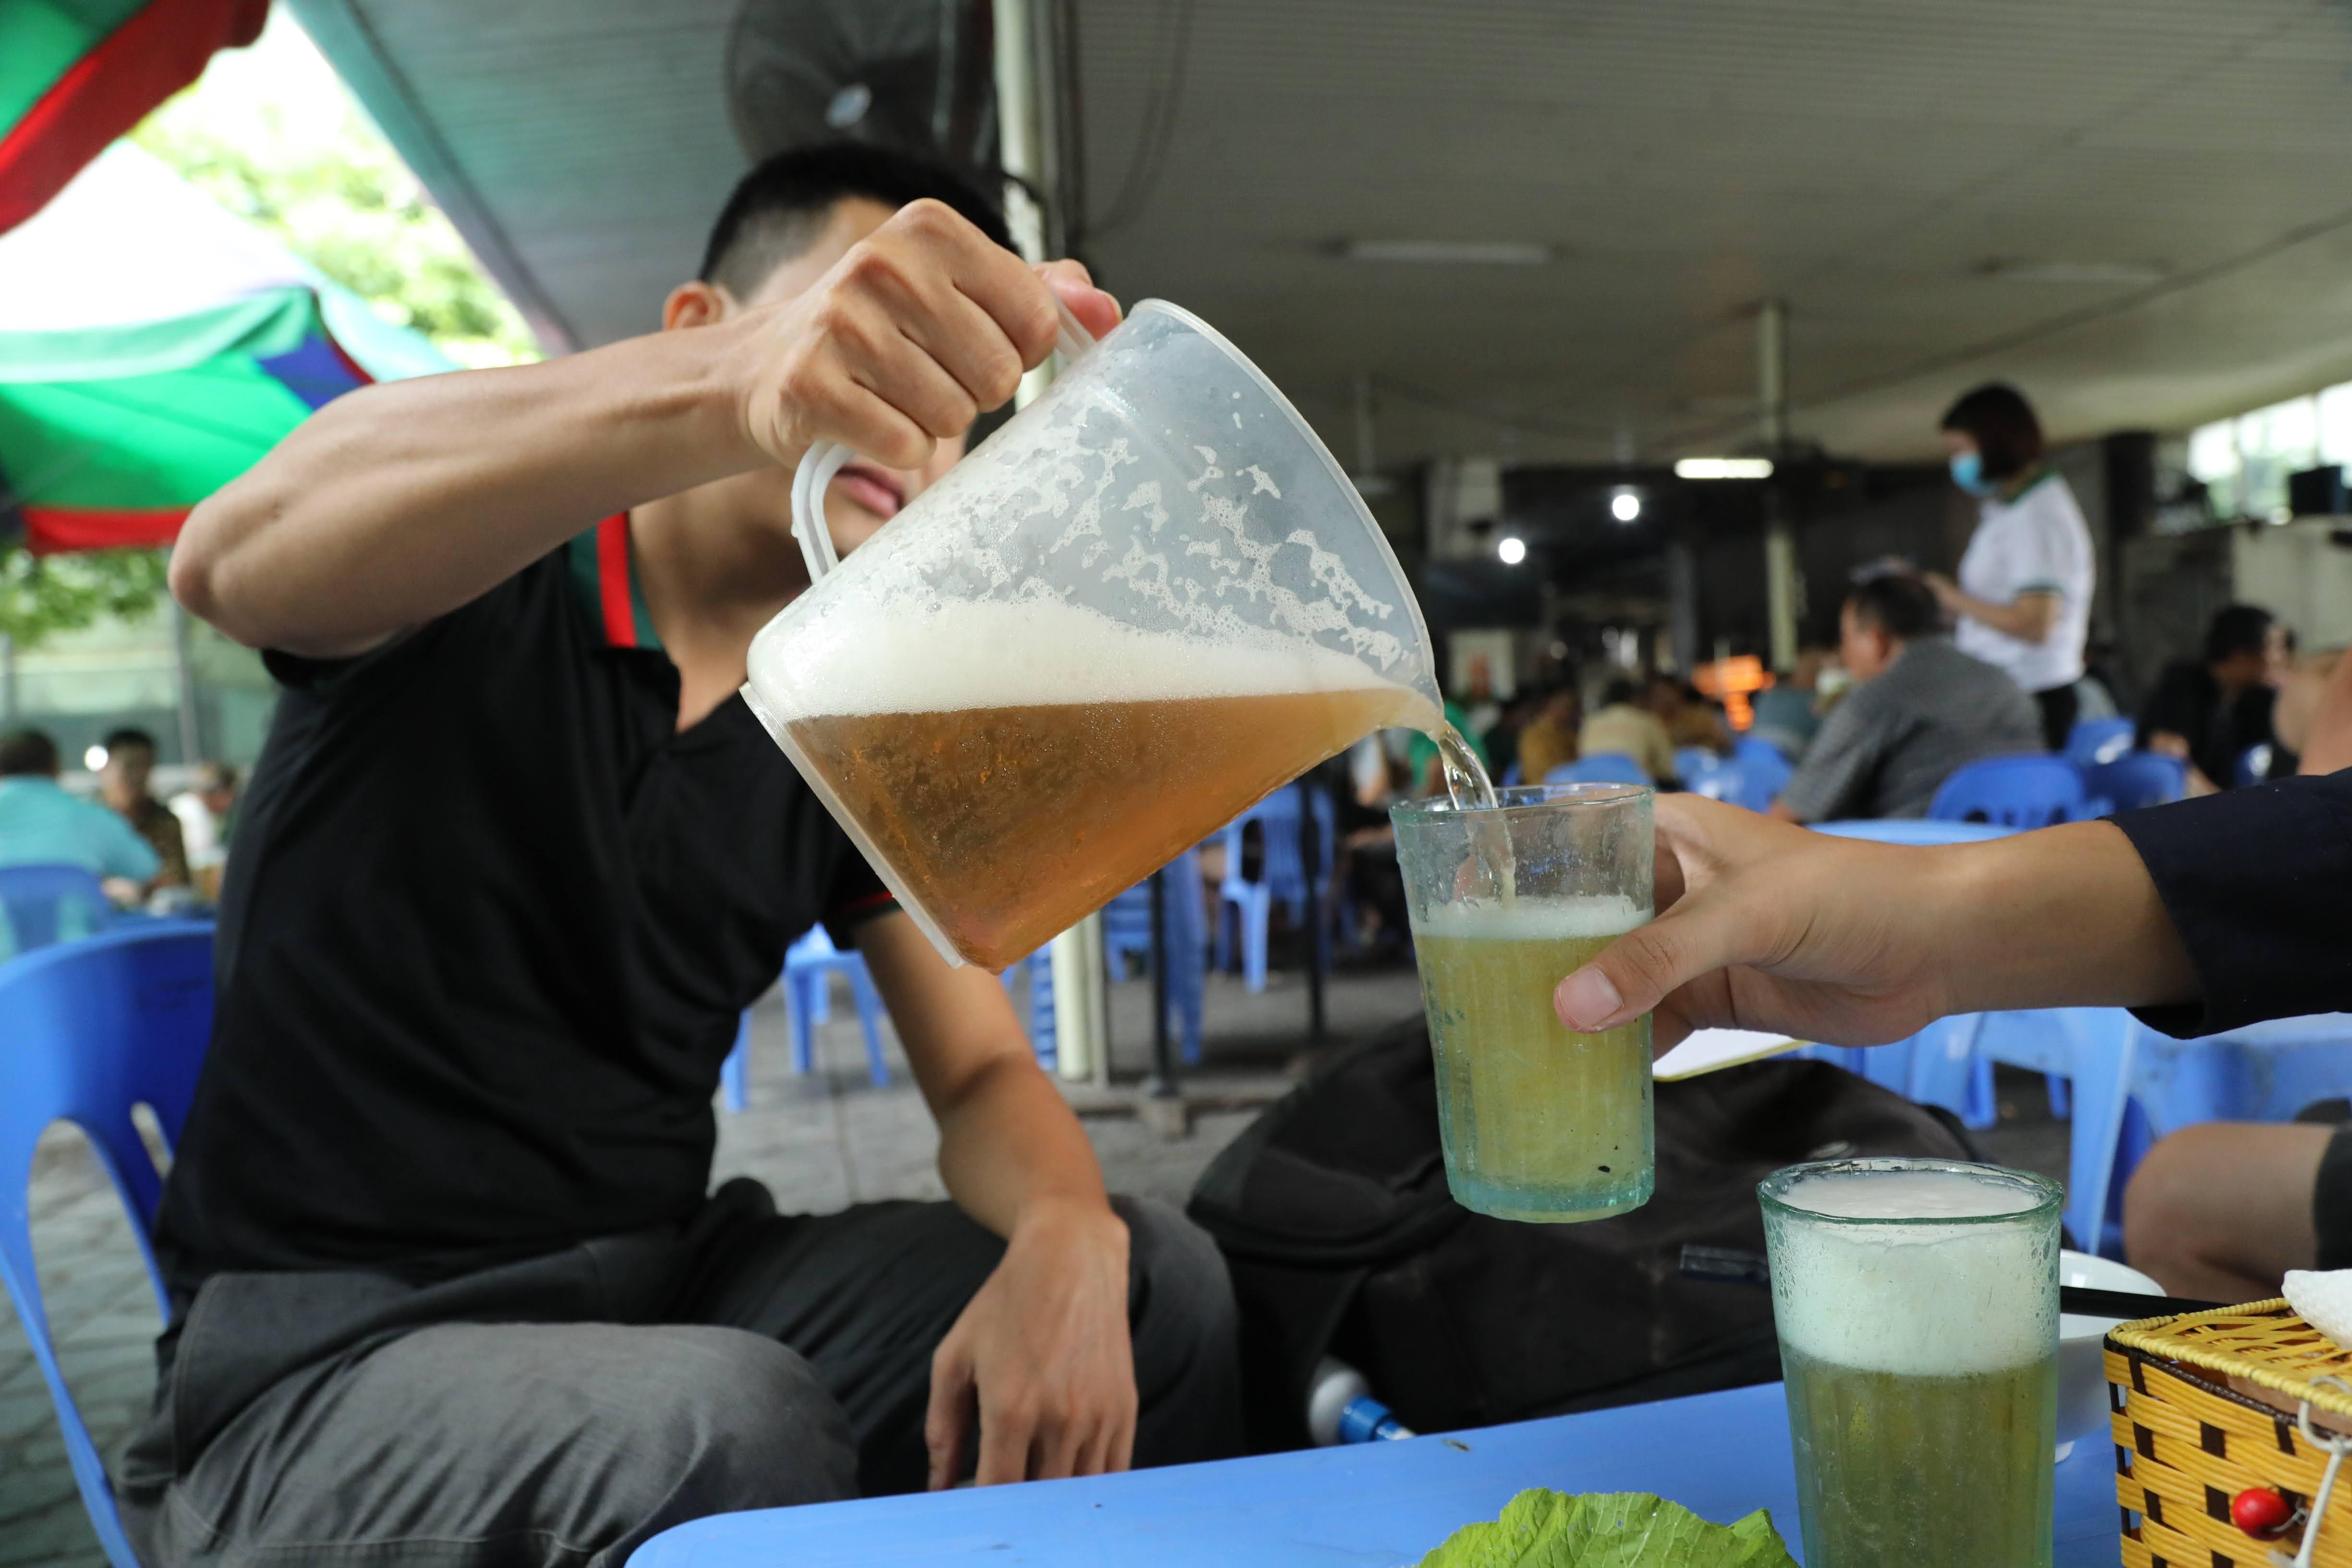 Uống rượu bia gây nhiều tác hại nghiêm trọng.